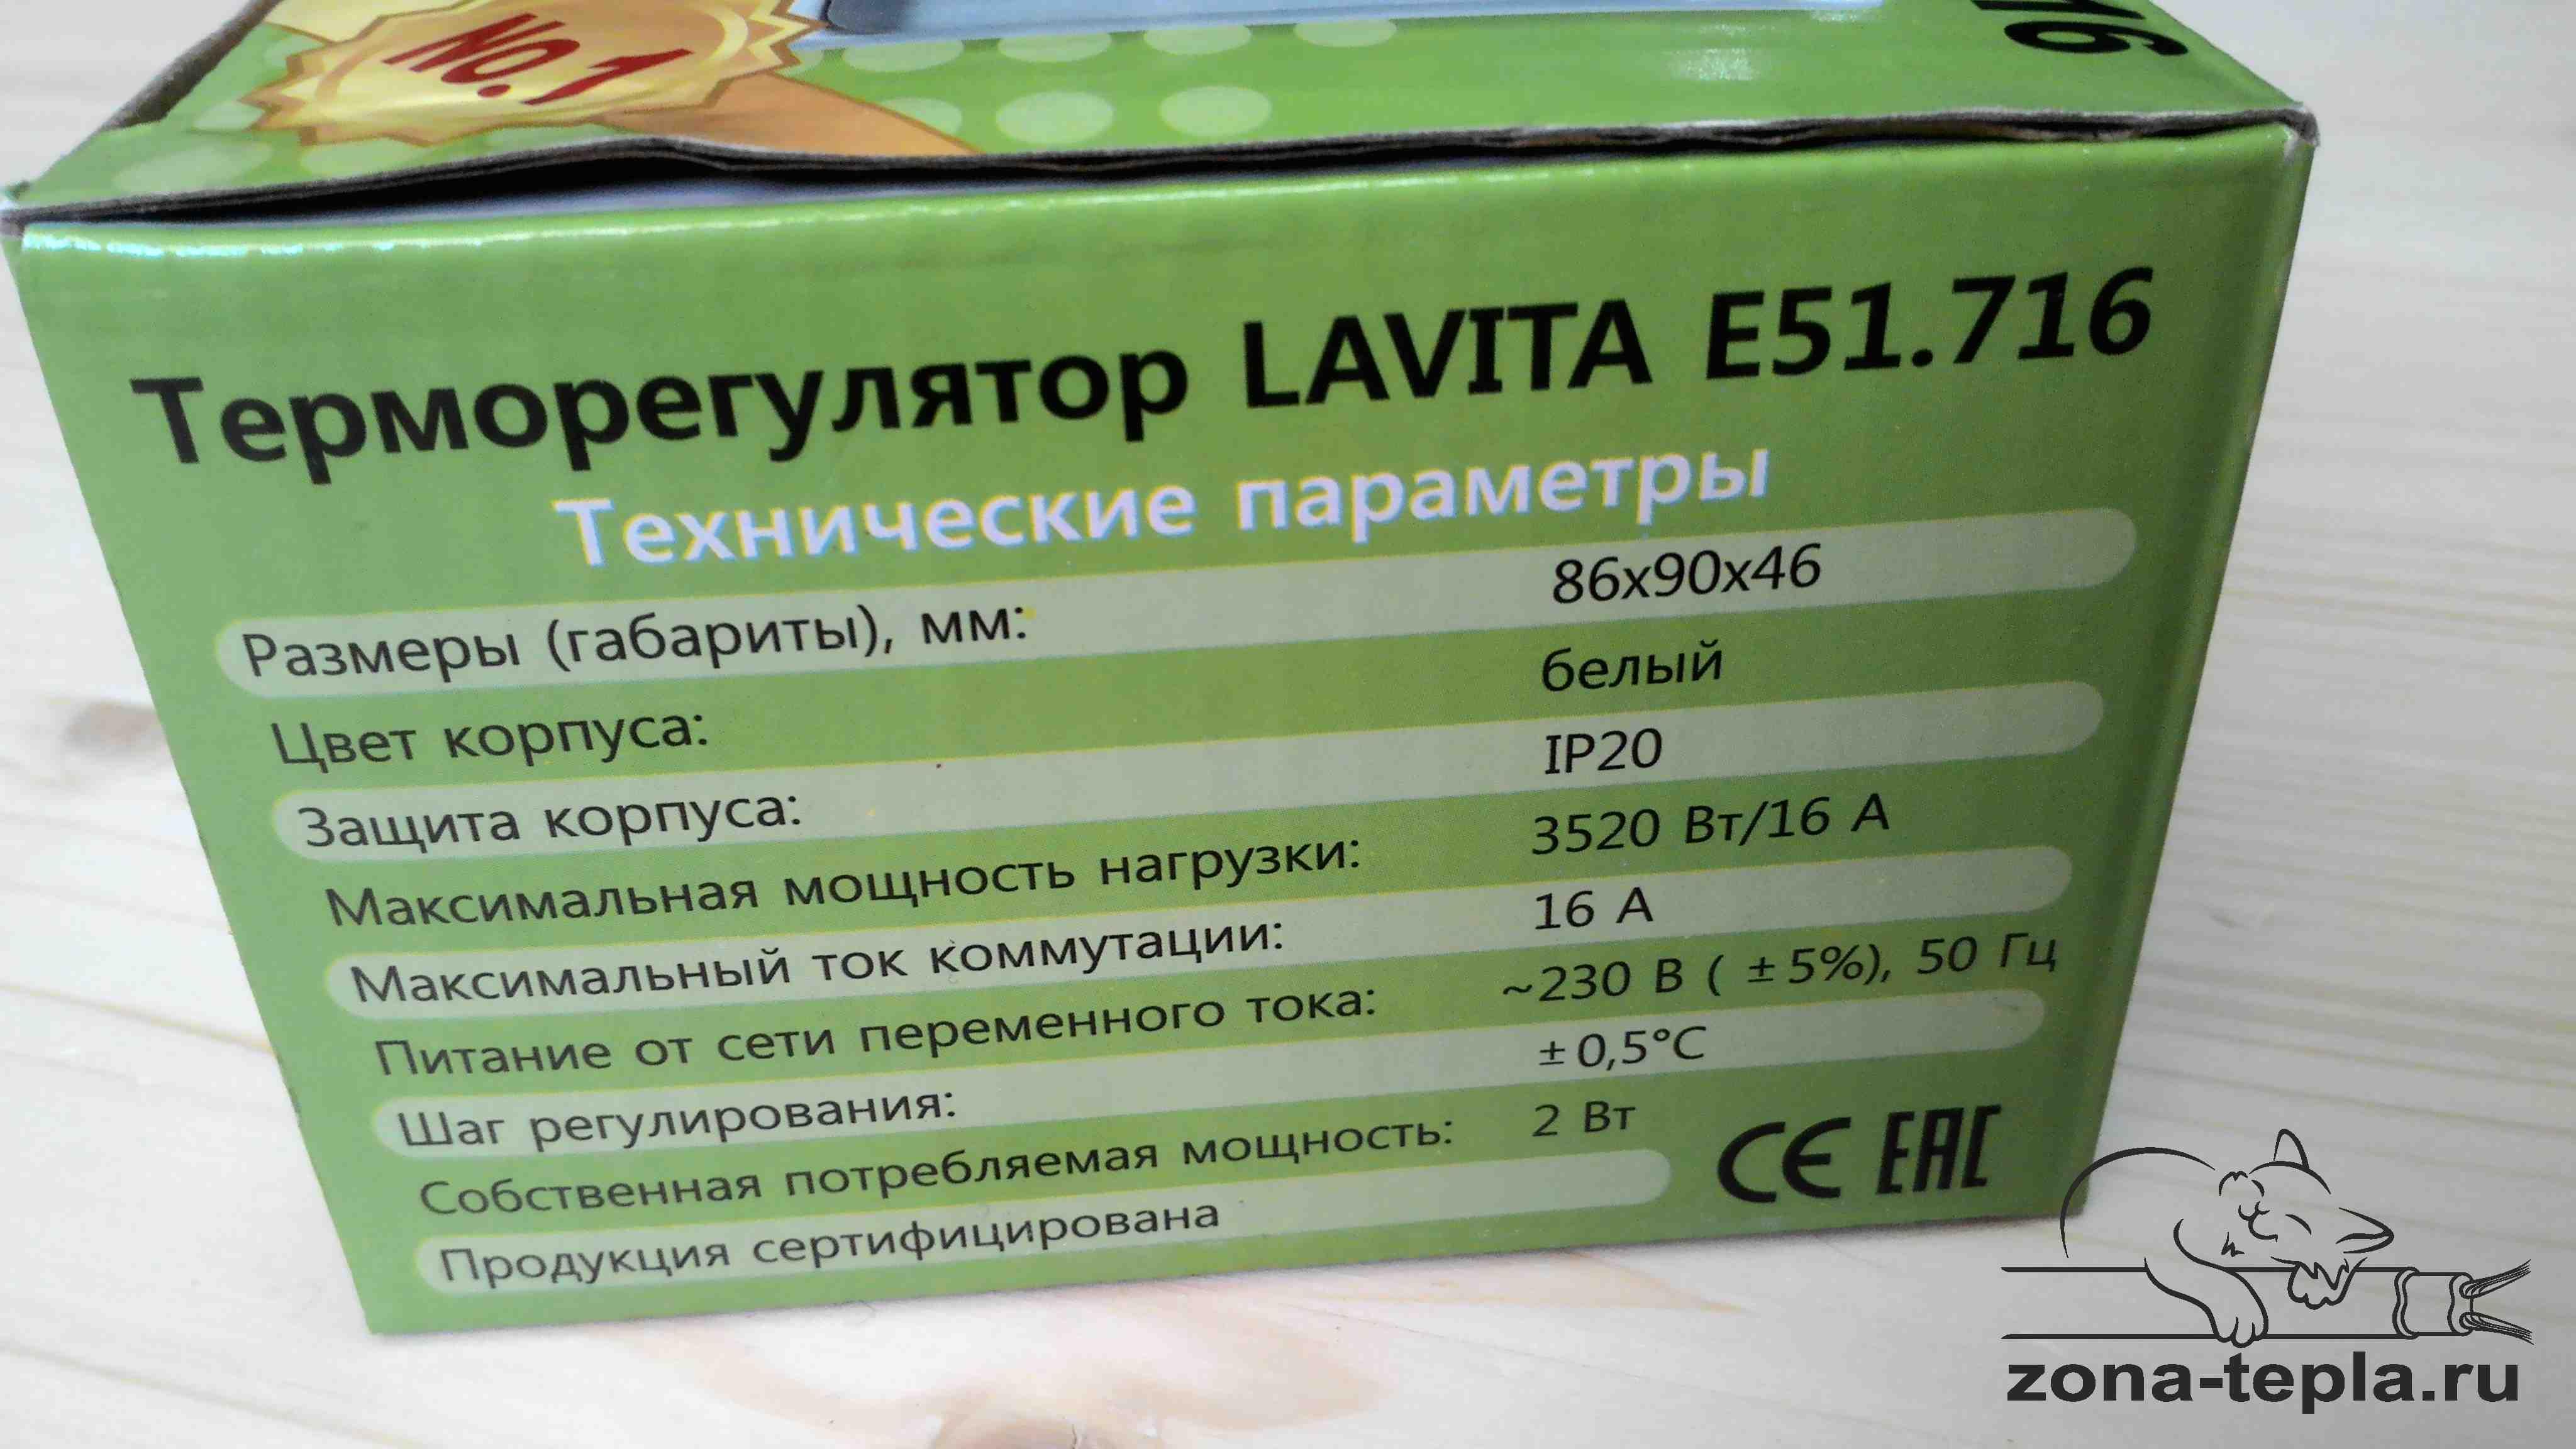 Терморегулятор для теплого пола Lavita E51.716 технические характеристики